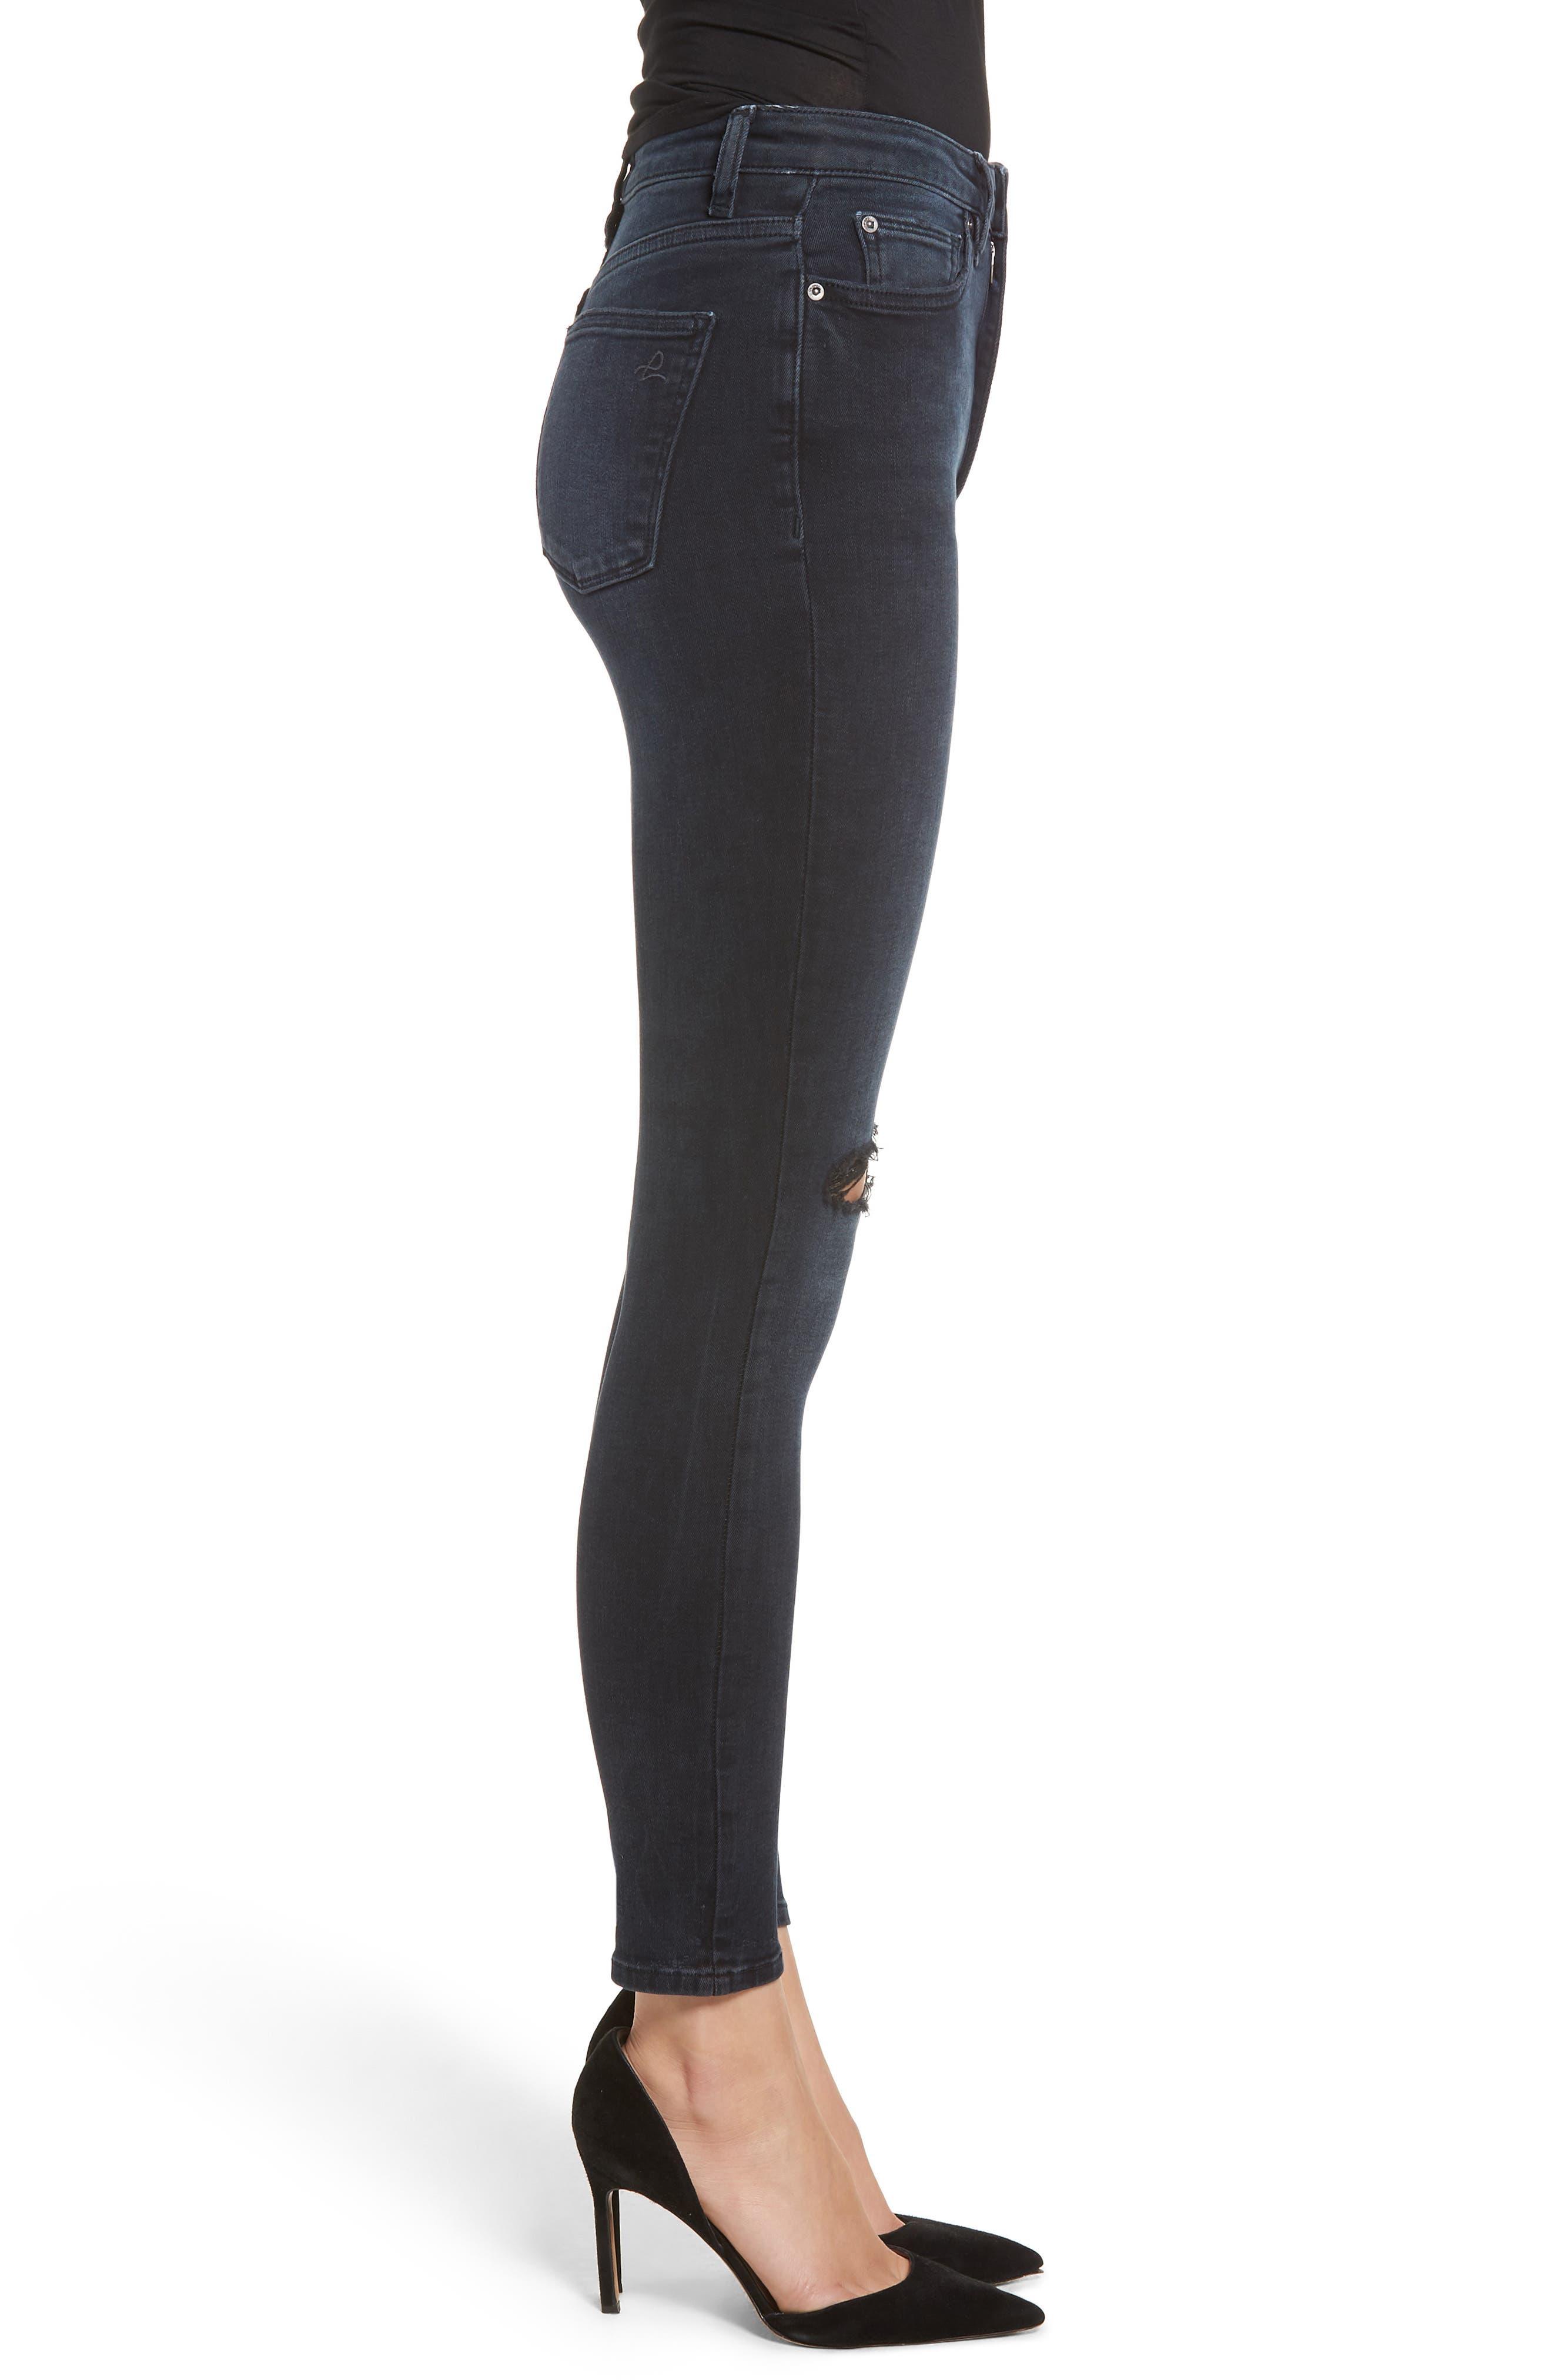 Chrissy Ultra High Waist Ankle Skinny Jeans,                             Alternate thumbnail 3, color,                             PORTER